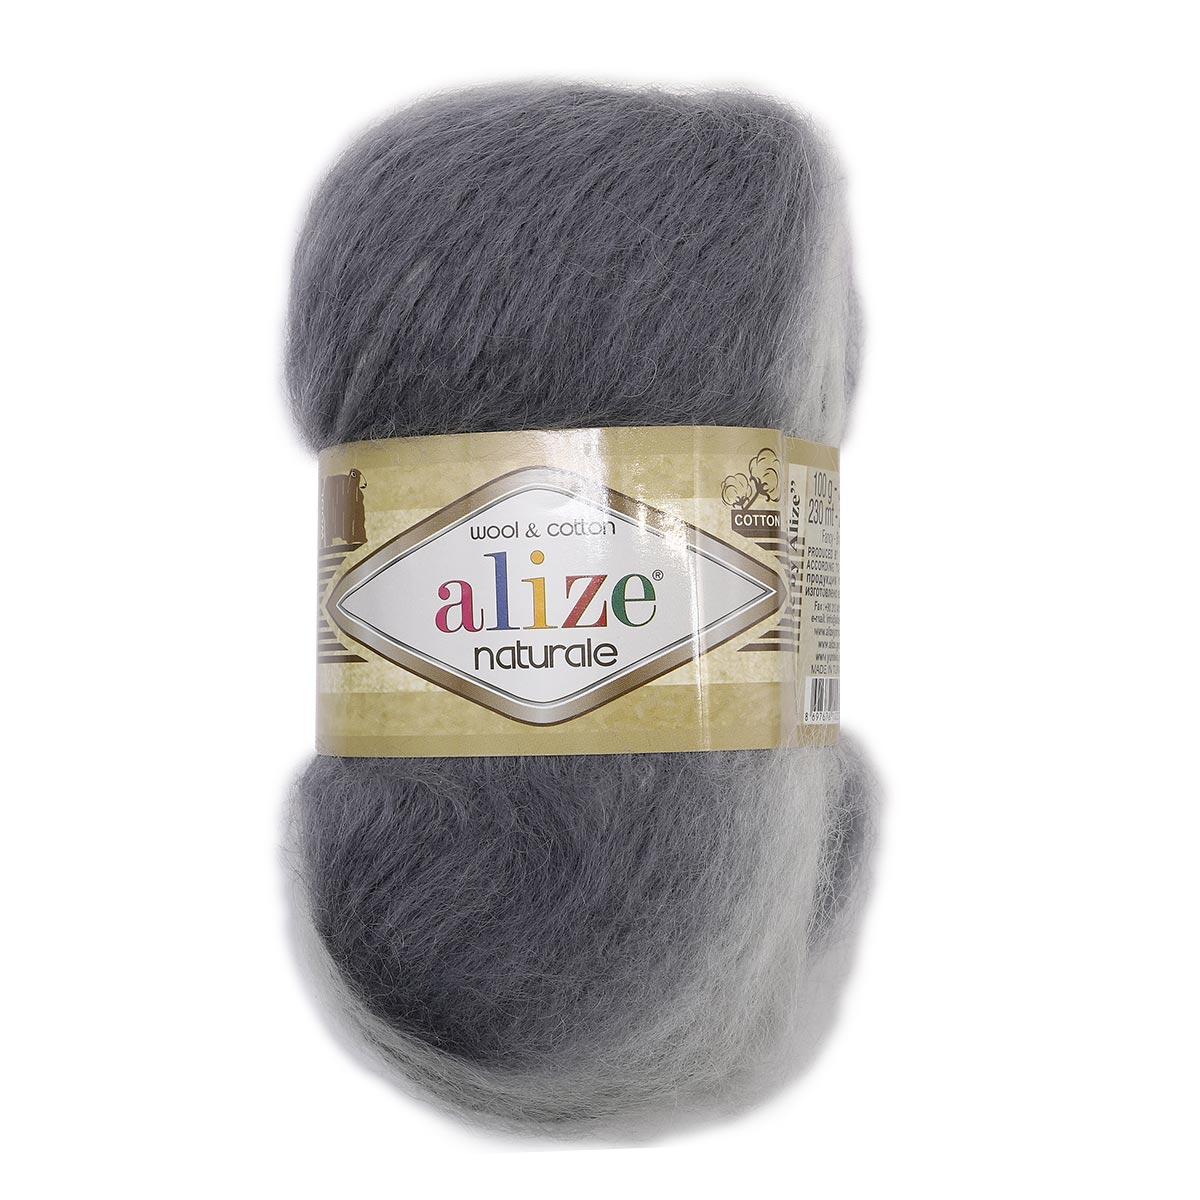 Пряжа ALIZE 'Naturale Batik' 100гр. 230м. (60% шерсть, 40% хлопок) ТУ